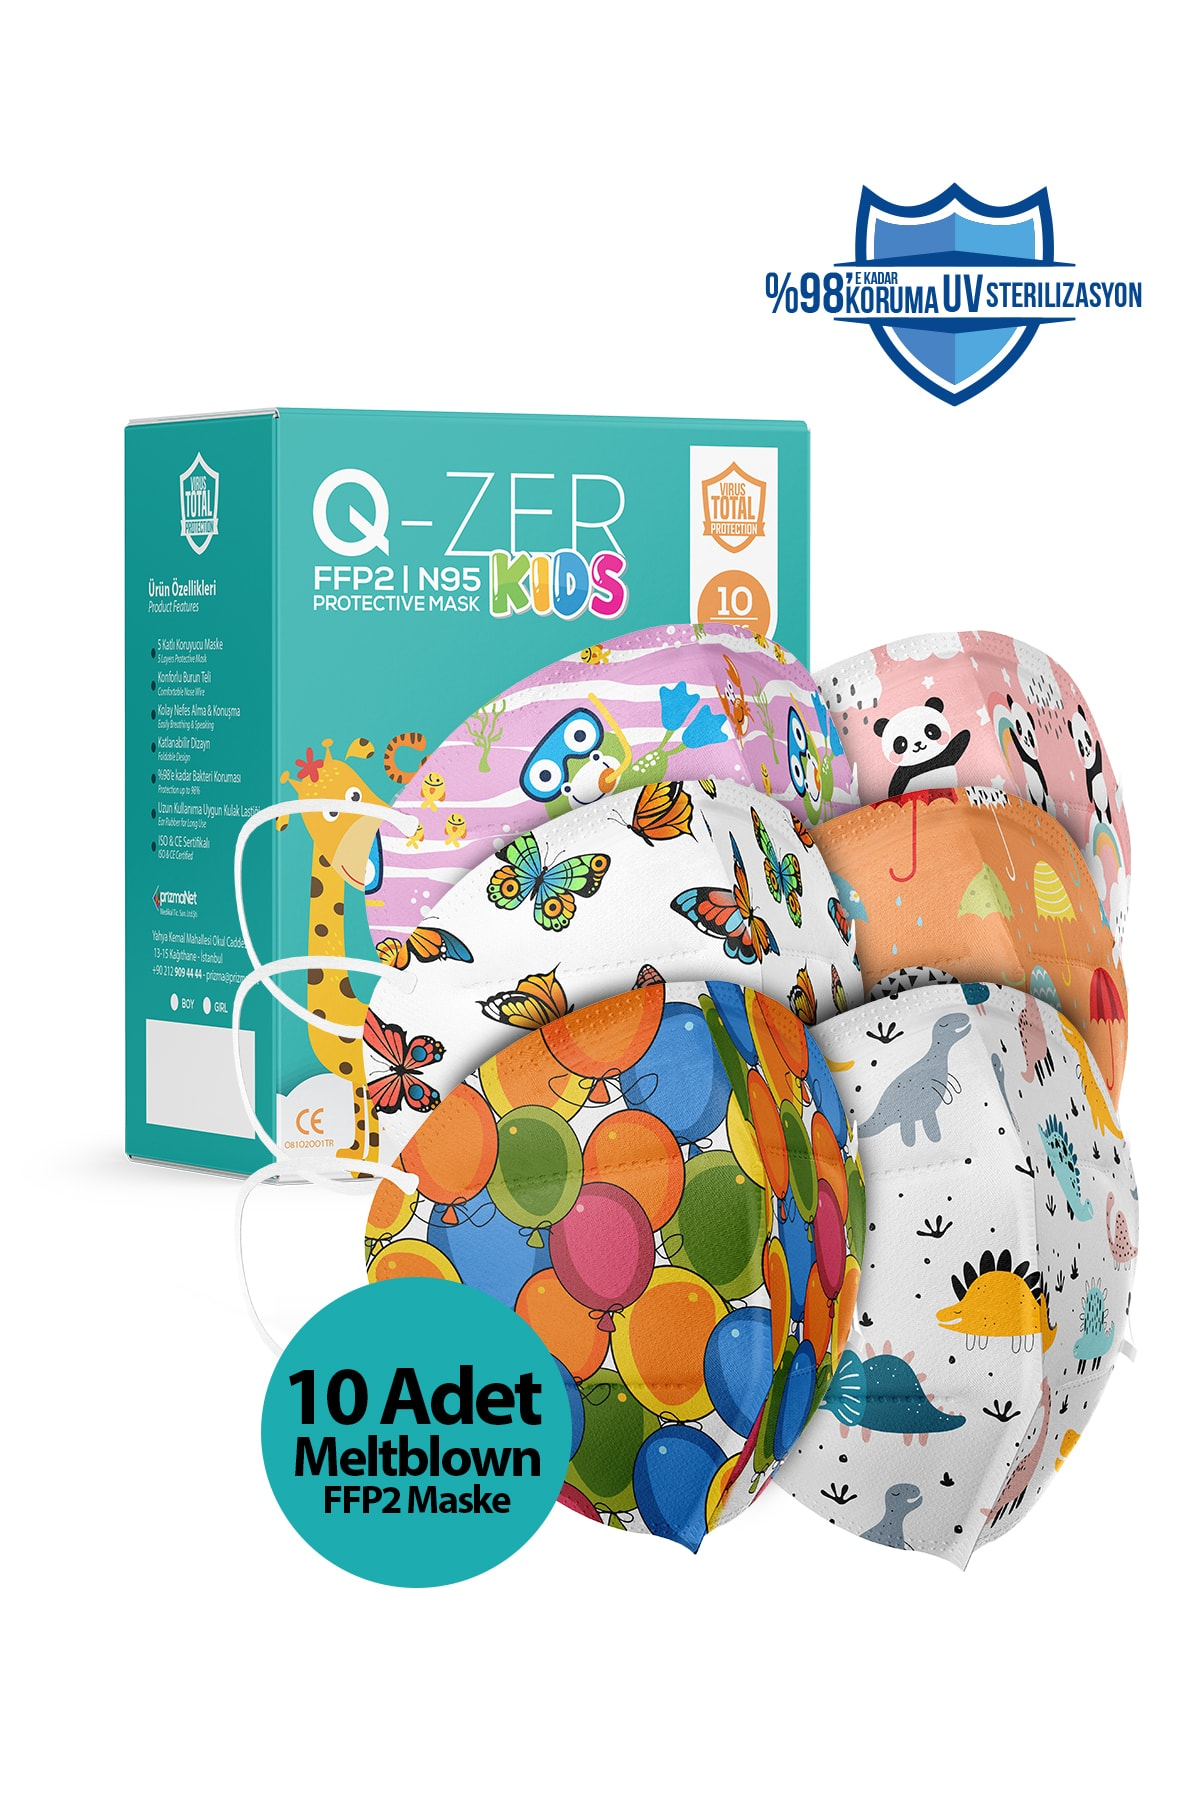 Qzer 5 Farklı Desenli Kız Çocuk Ffp2 Maske 10 Adet